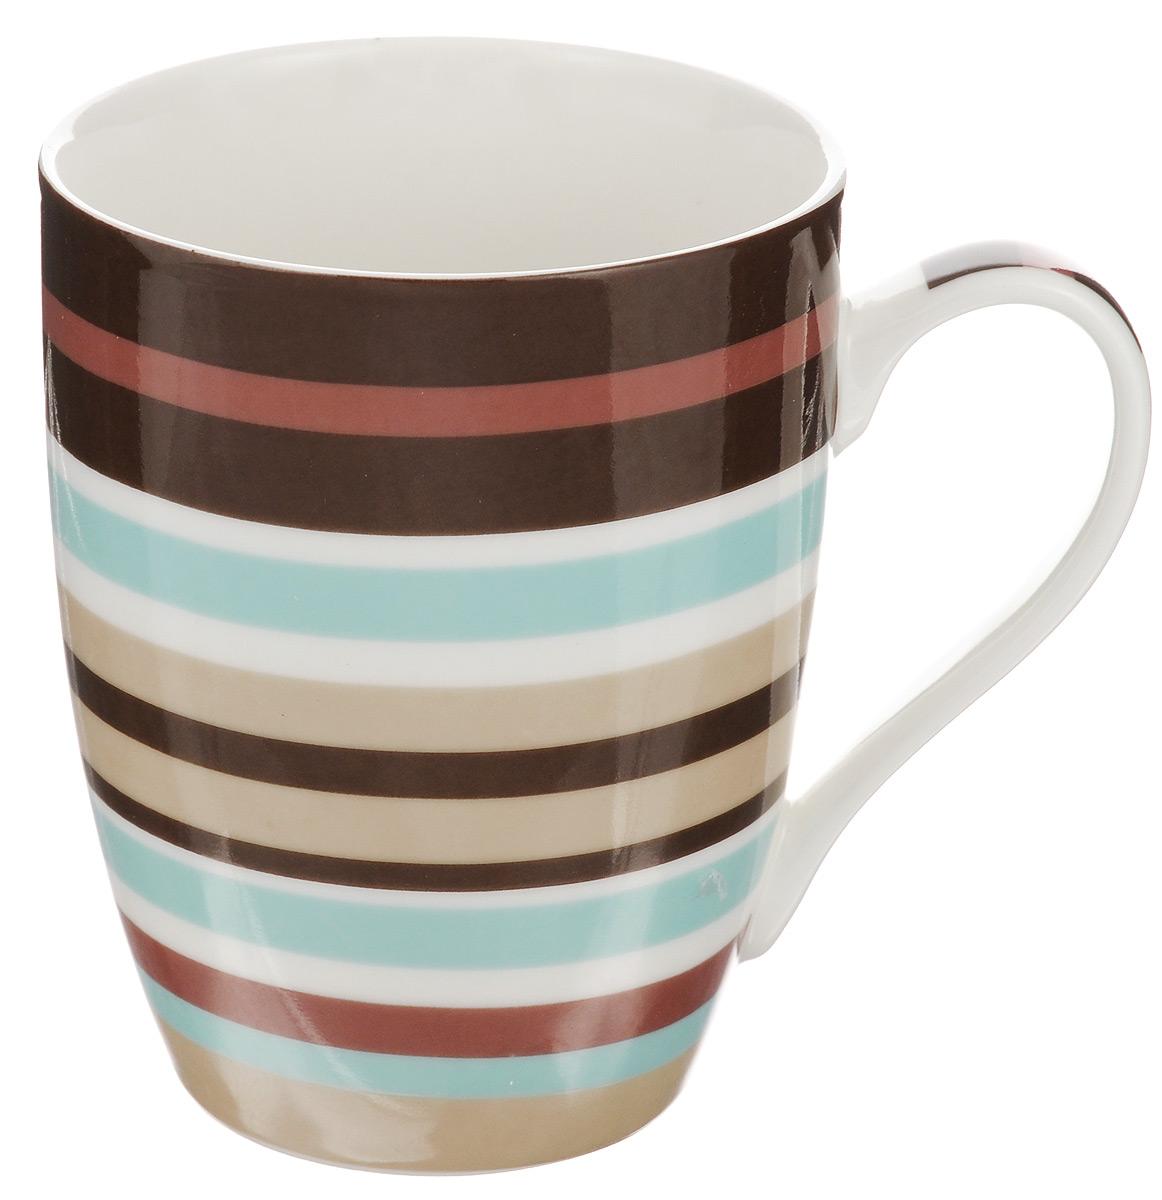 Кружка Walmer Sunset, цвет: белый, бежевый, коричневый, 350 млW09920035Кружка Walmer Sunset изготовлена из высококачественного фарфора. Такая кружка прекрасно оформит стол к чаепитию и станет его неизменным атрибутом. Не рекомендуется применять абразивные моющие средства. Диаметр (по верхнему краю): 8 см. Высота: 10,5 см.